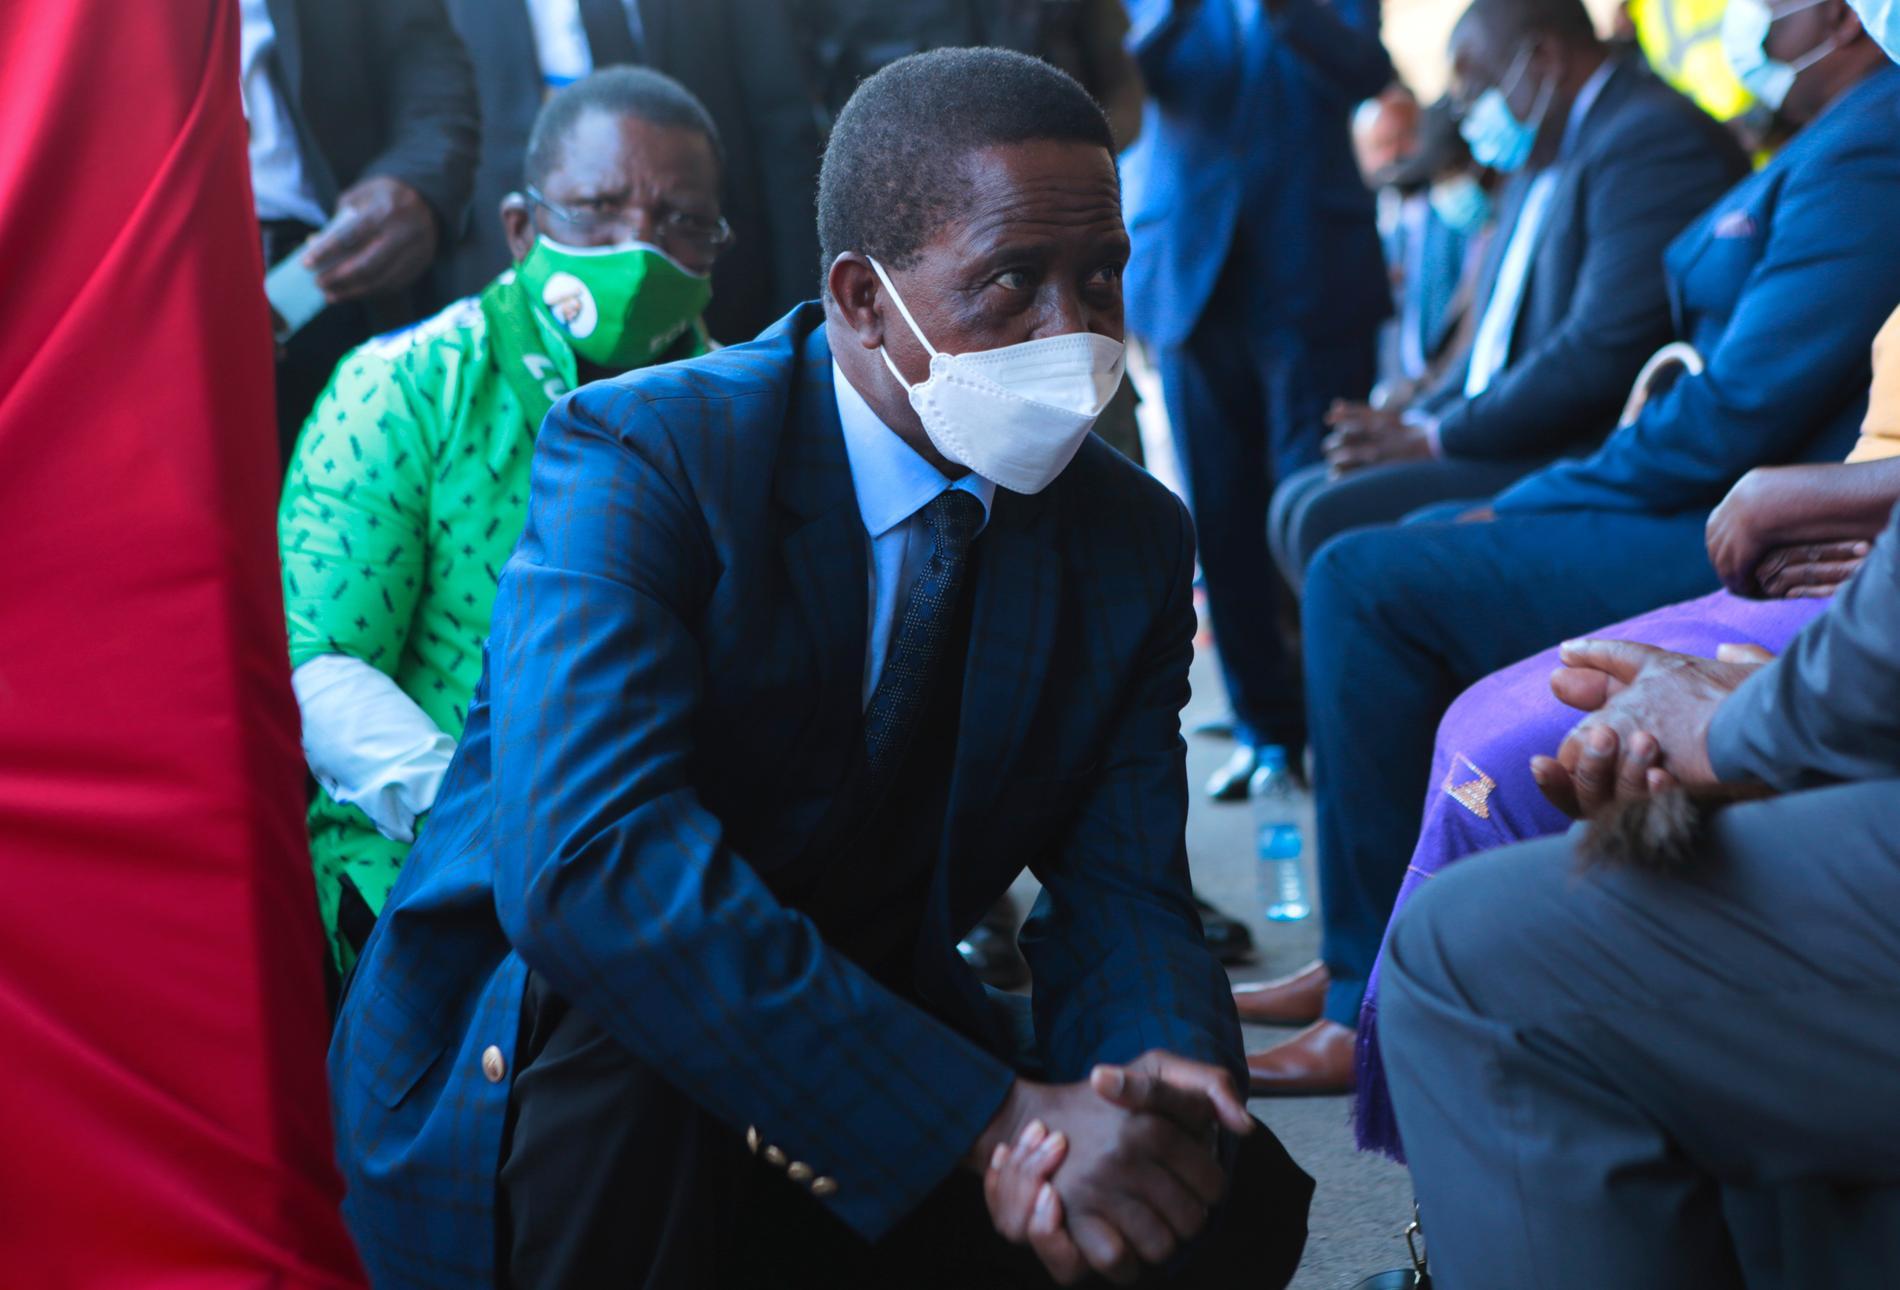 Zambias president Edgar Lungu pratar med lokala ledare i samband med invigningen av en flygplatsterminal i Lusaka.